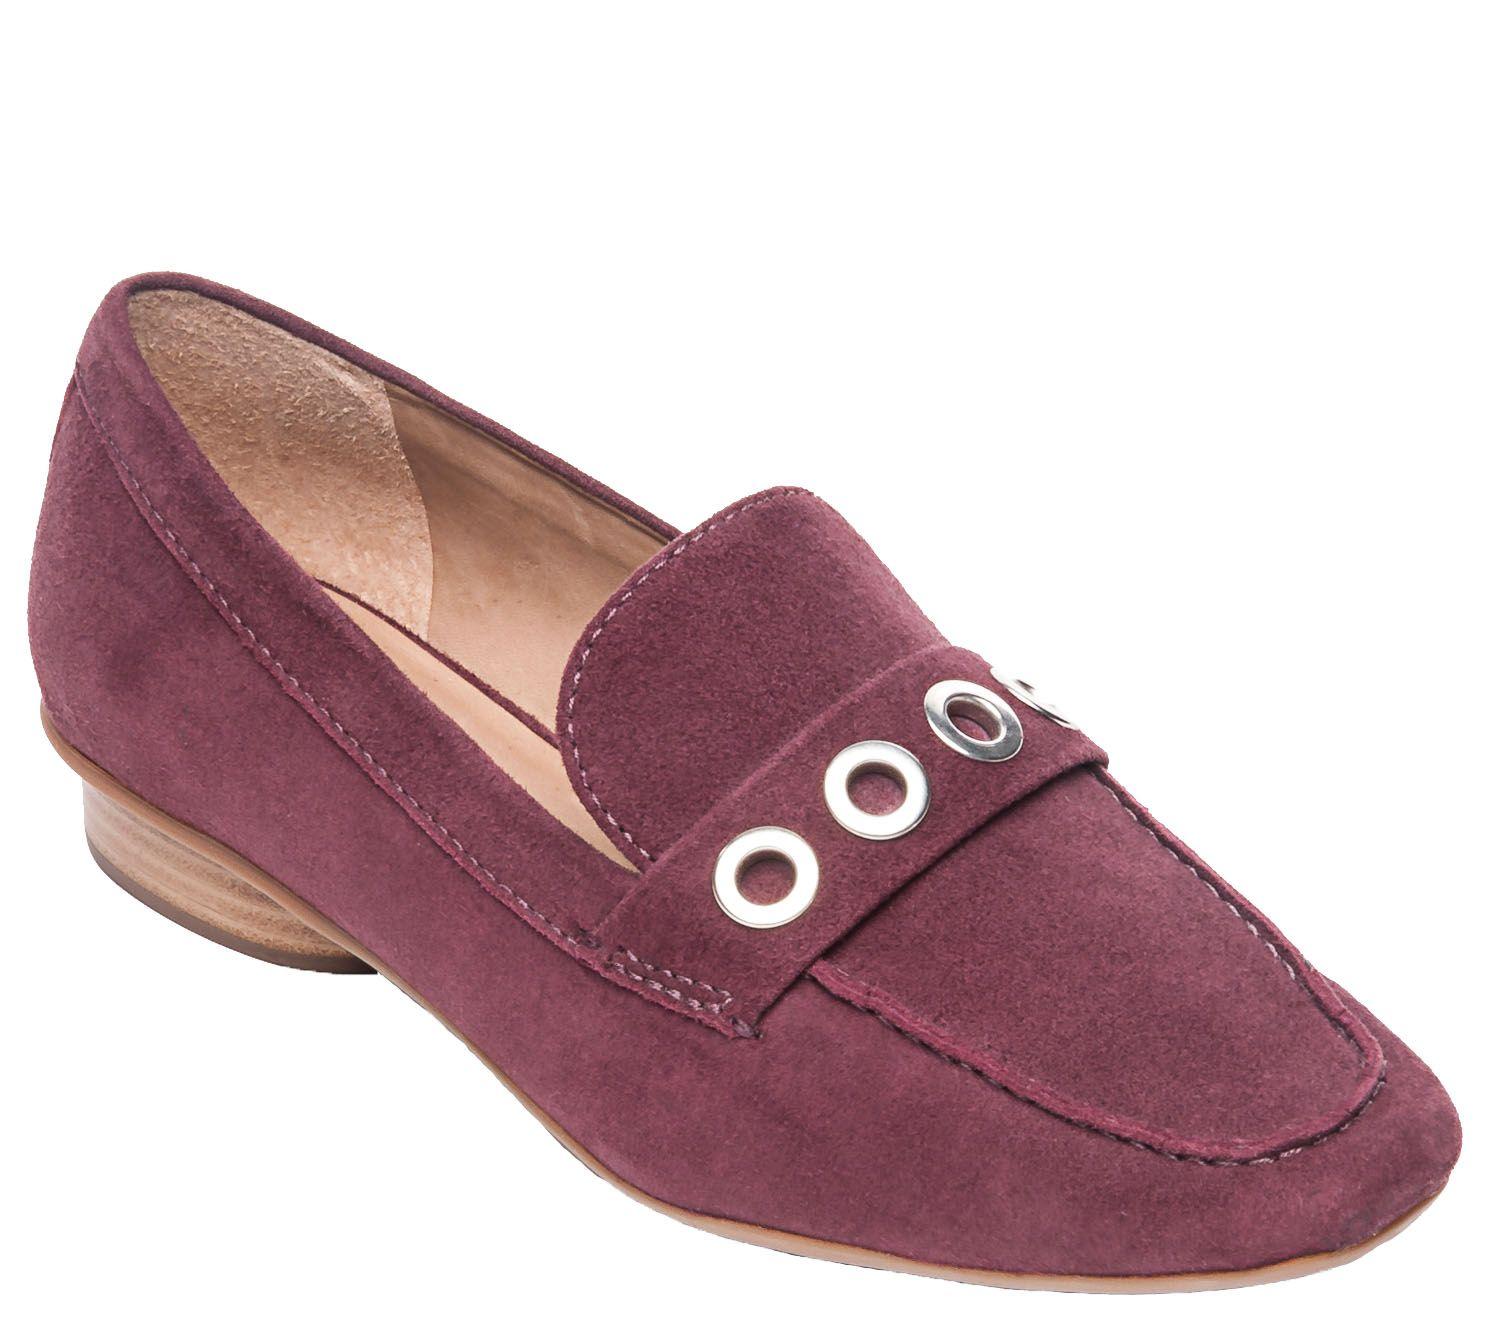 4752ac6e804 Bernardo Leather Loafers - Jaden — QVC.com